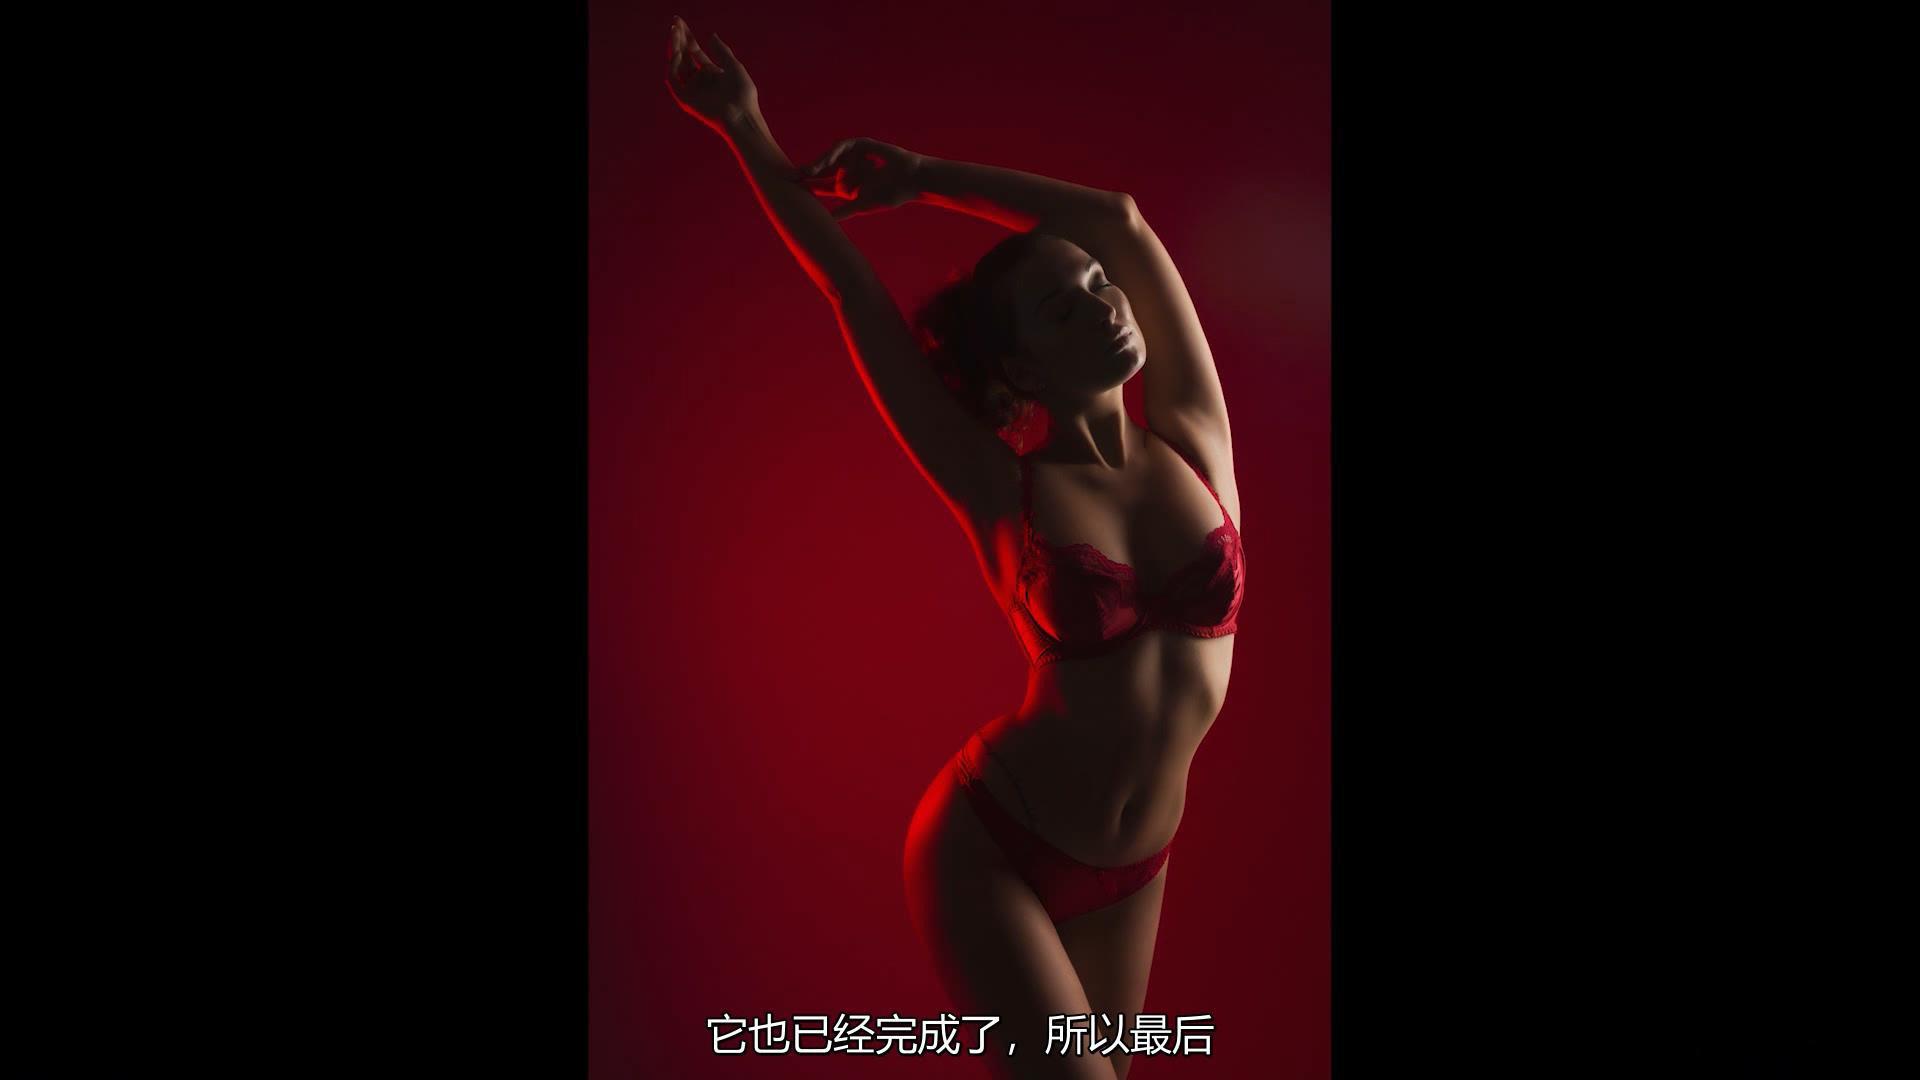 摄影教程_Lindsay Adler为期10周的工作室棚拍布光大师班教程-中文字幕 摄影教程 _预览图25